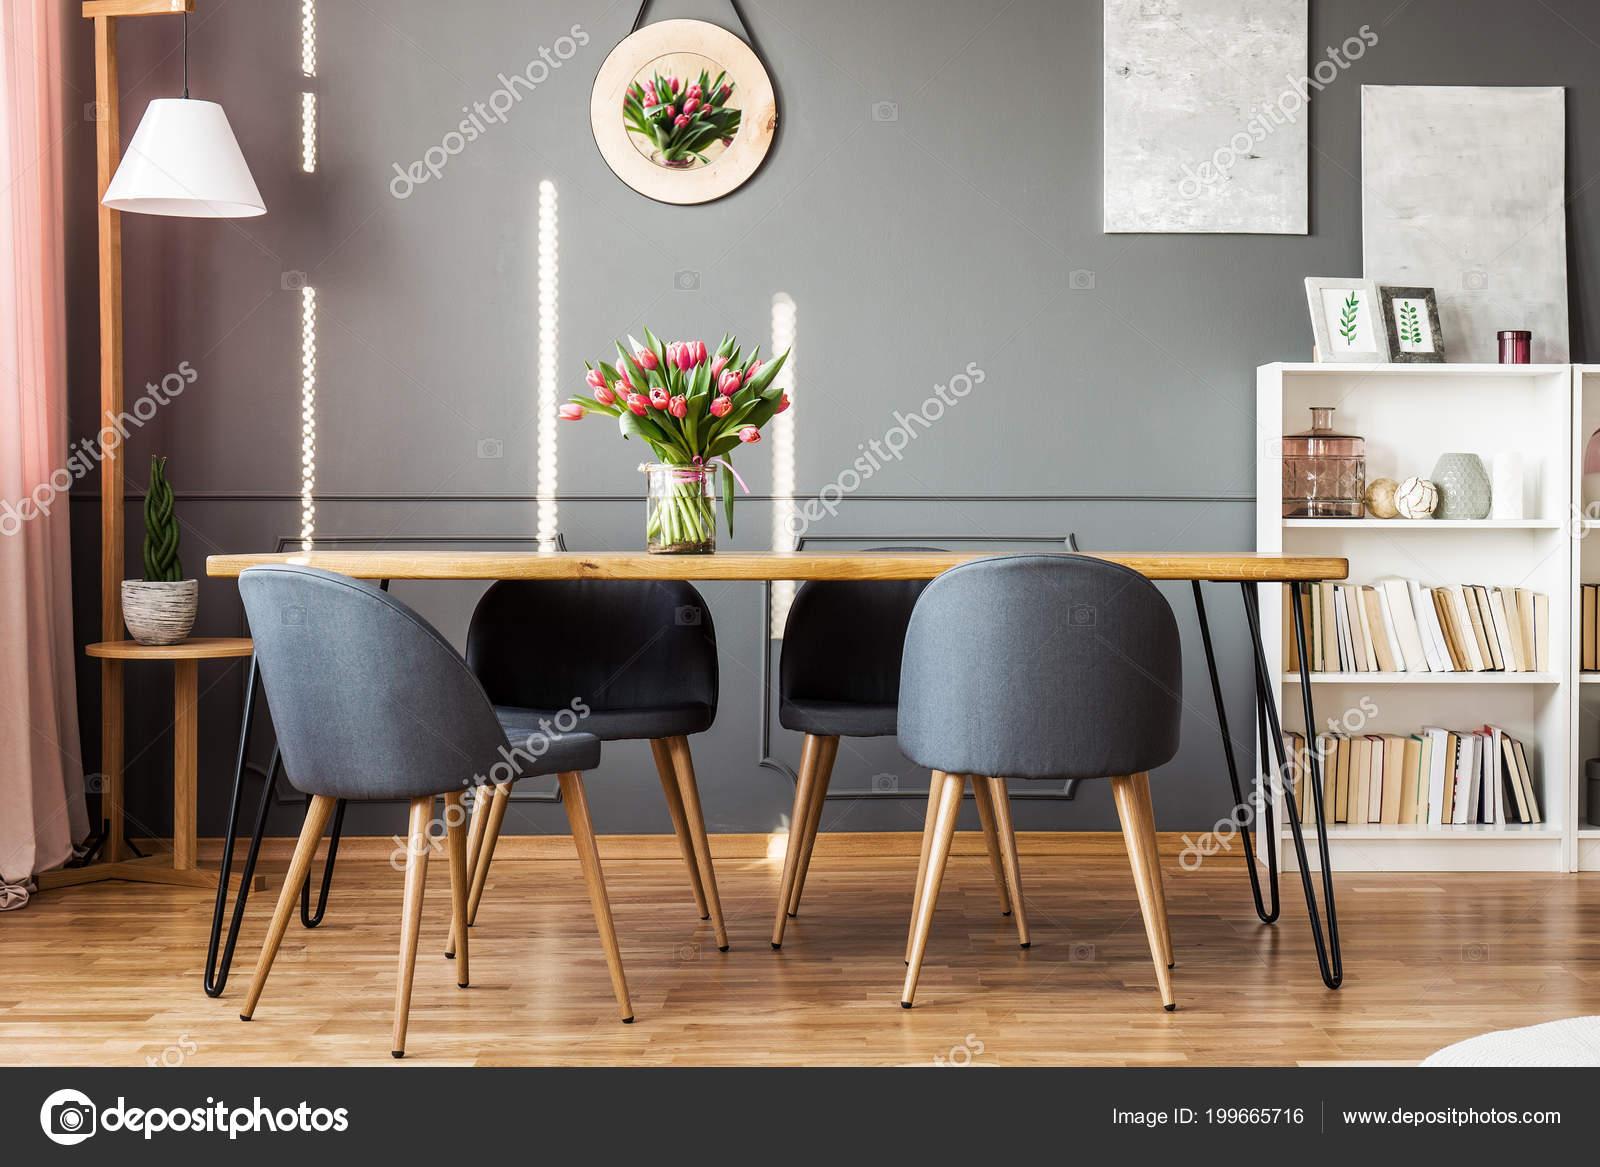 Houten eettafel grijze stoelen boekenplank roze tulpen het interieur